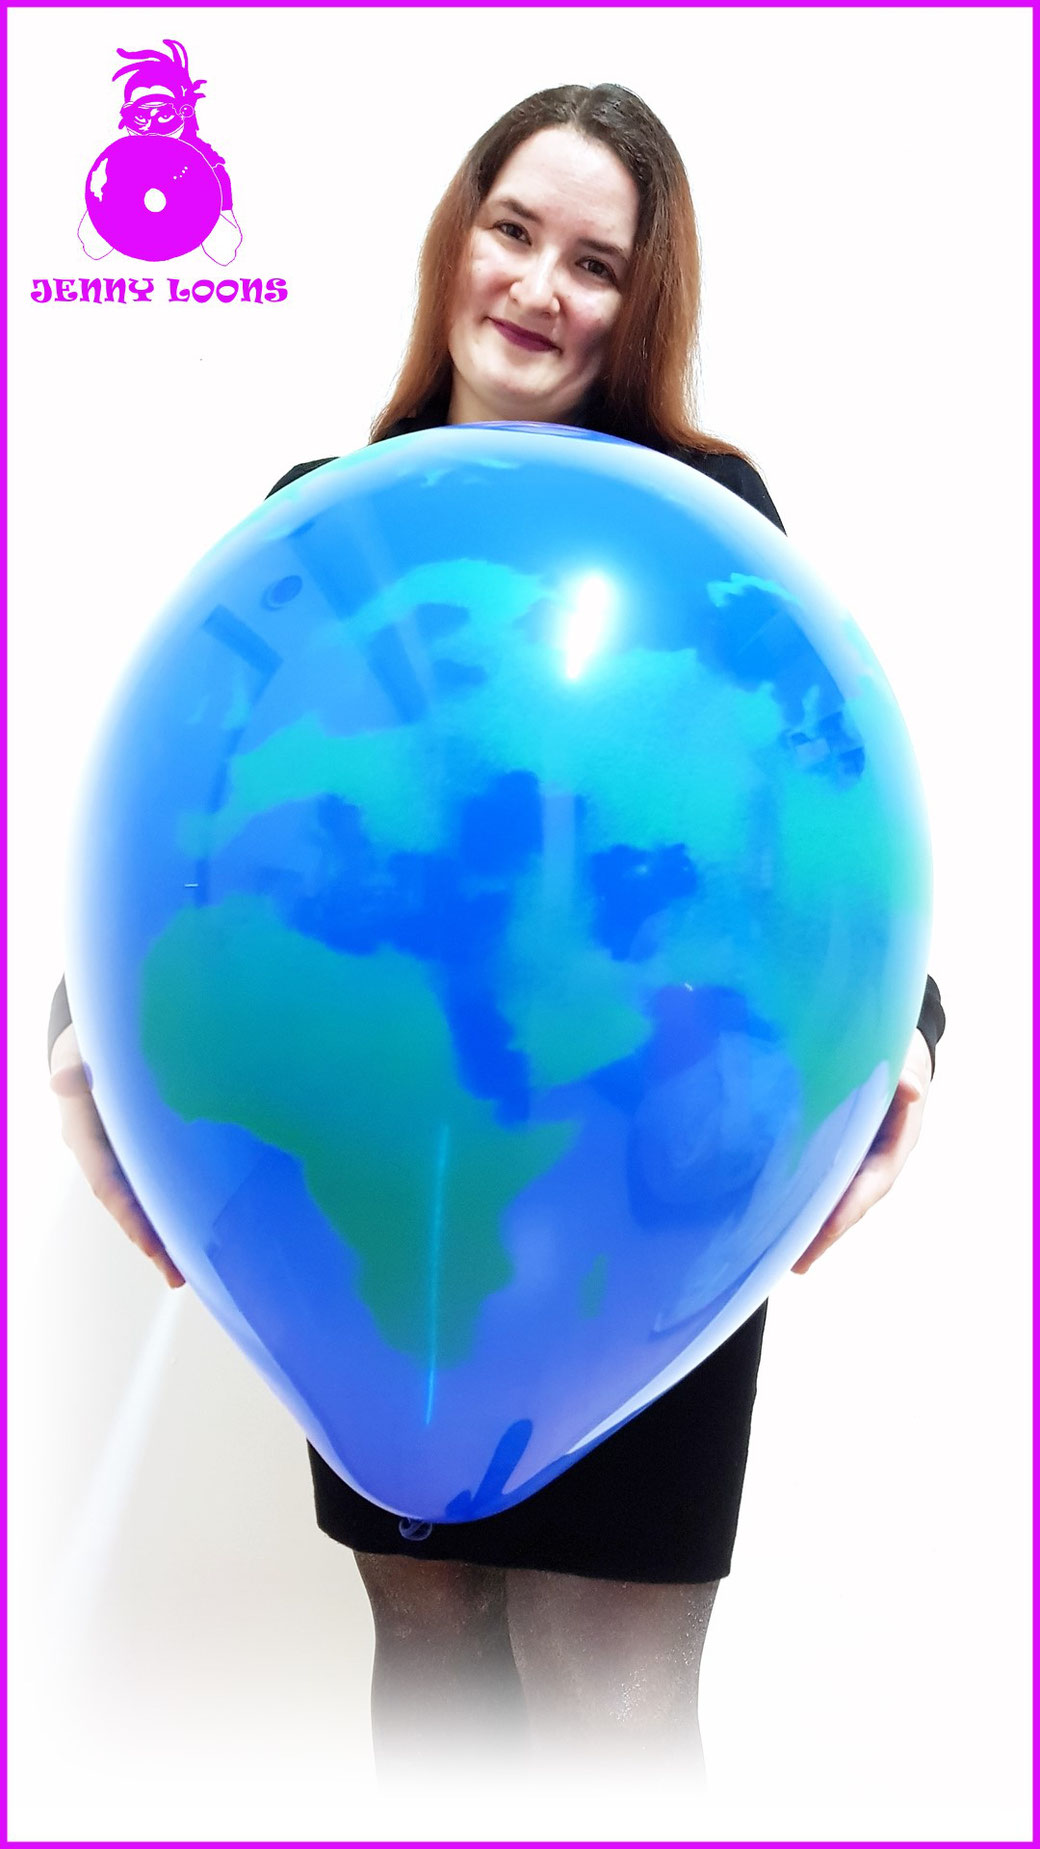 Qualatex Luftballon Ballon Erde Earth 16inch 40cm Spray Deco Strumpfhose blau grün Balloon Balloons